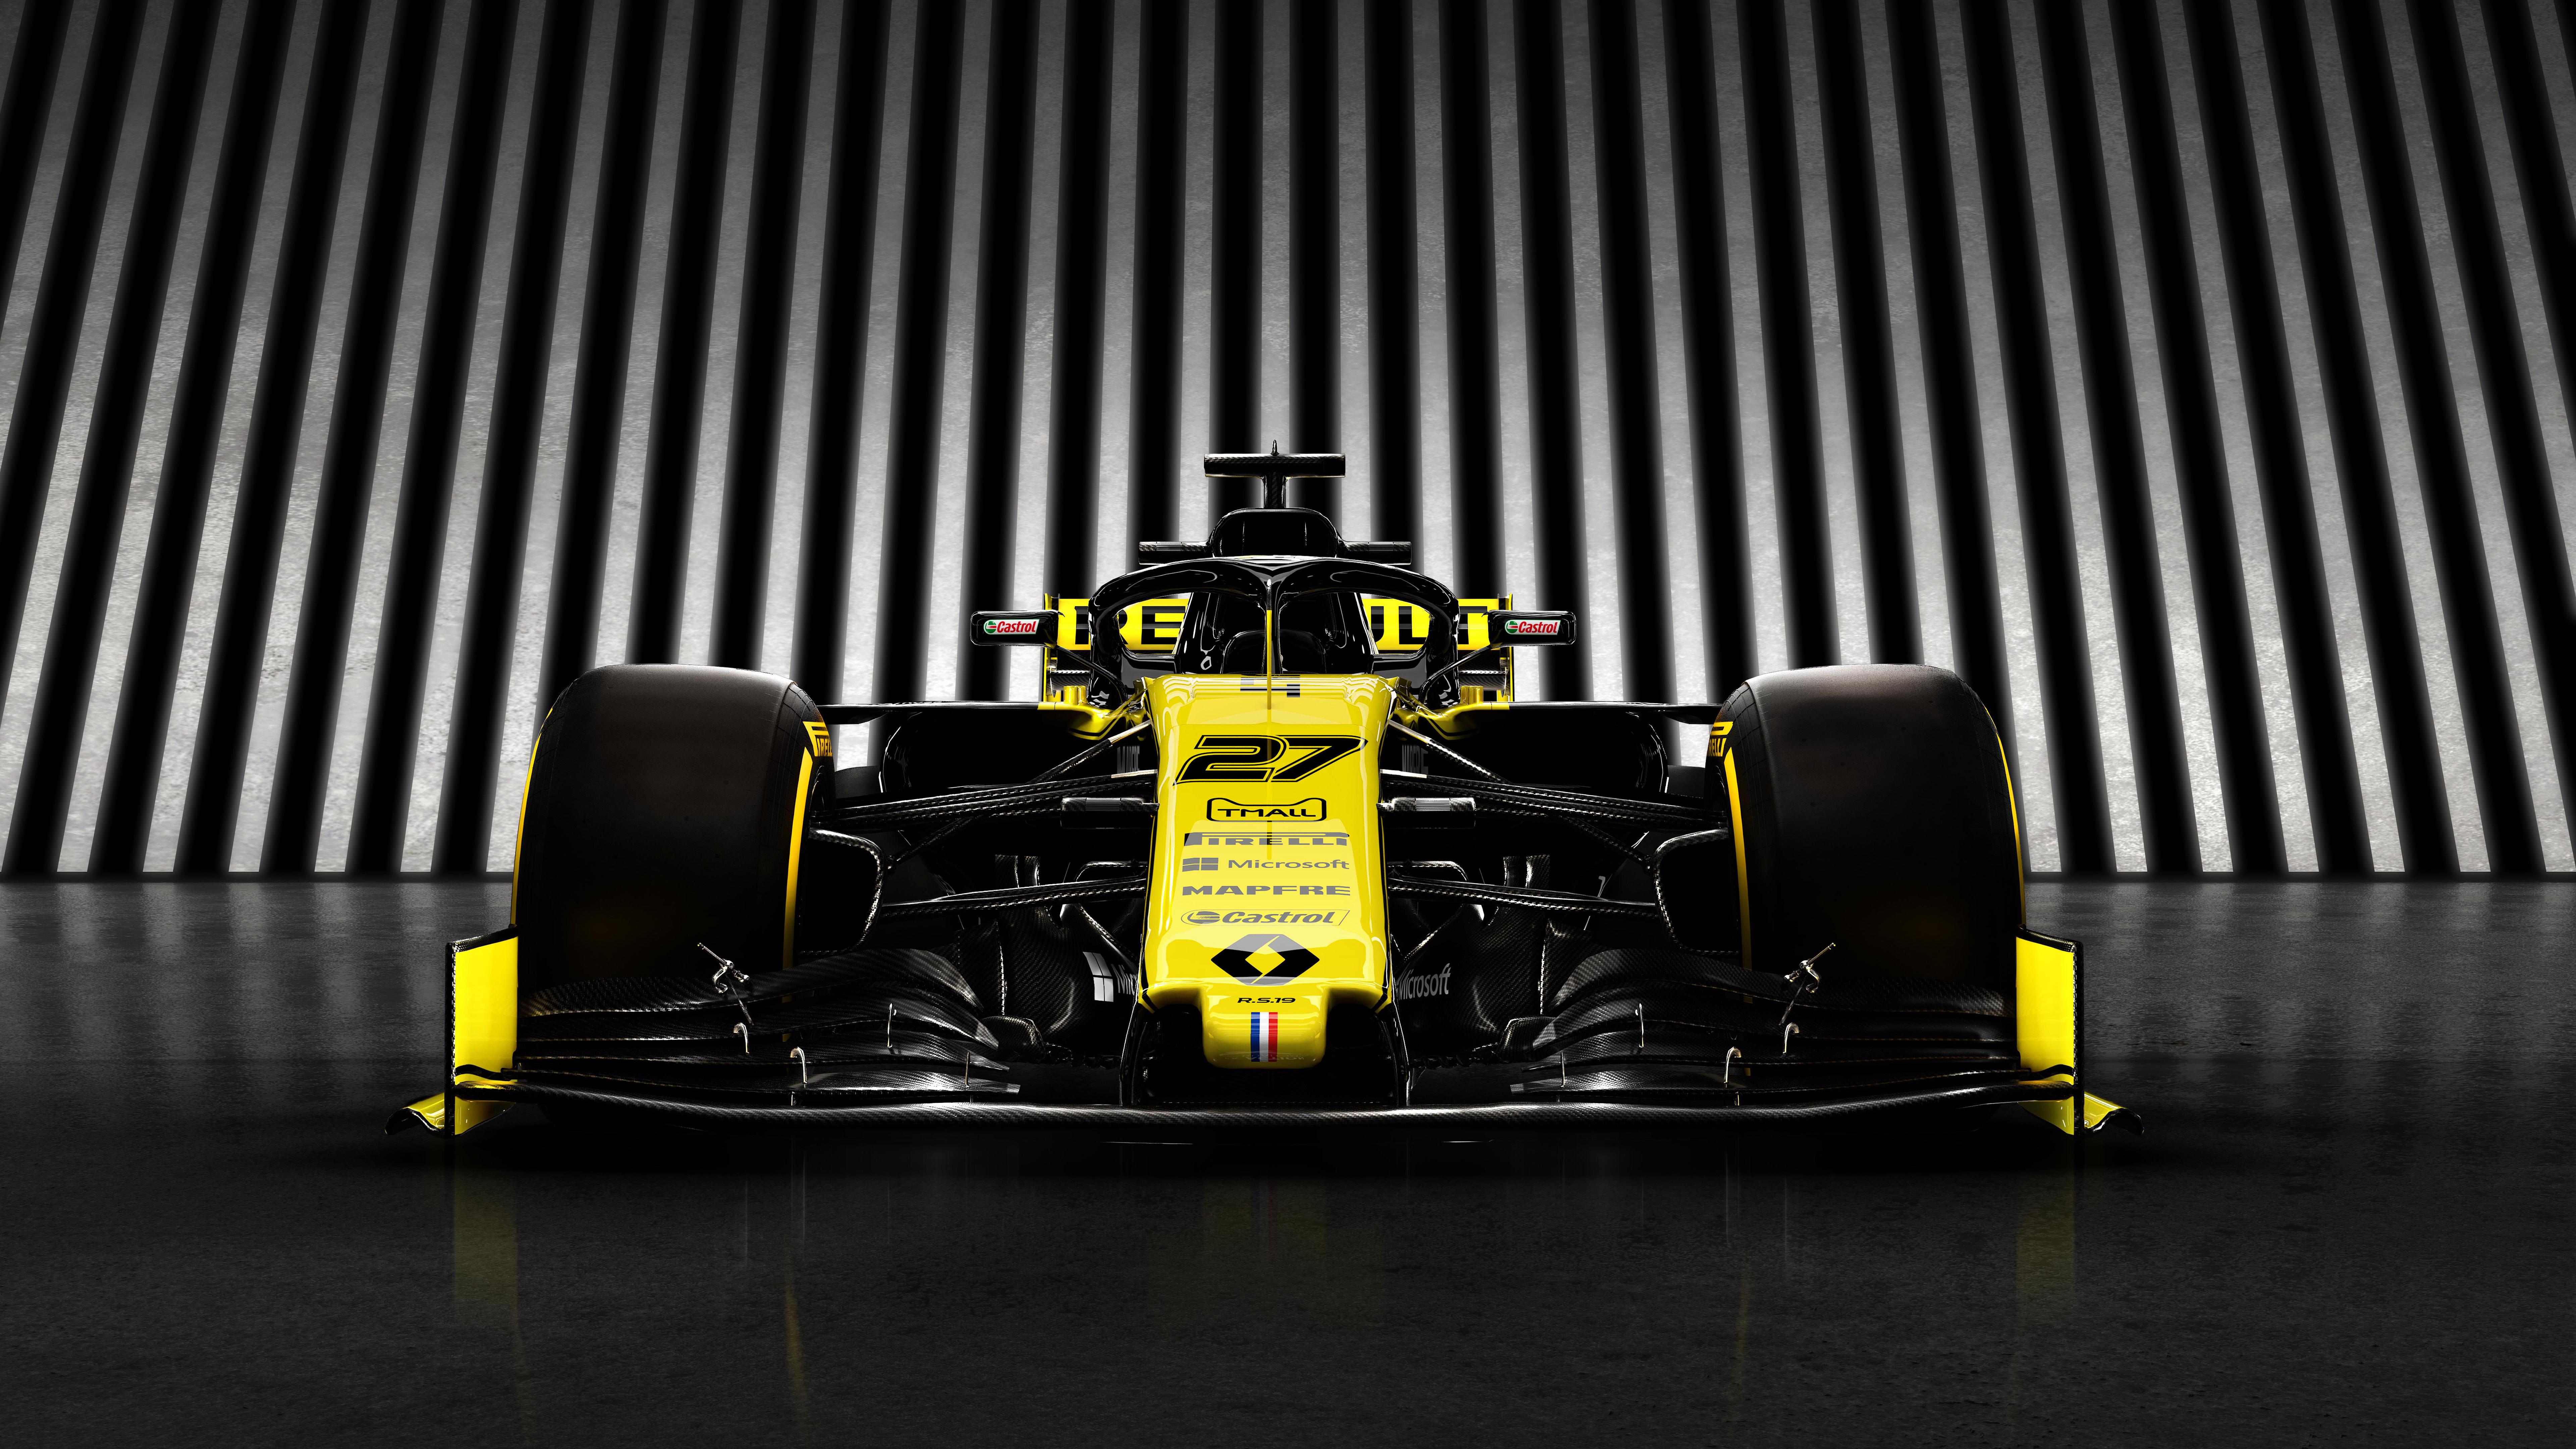 Renault RS19 Formula 1 2019 4K 8K 4 Wallpaper HD Car Wallpapers 7680x4320